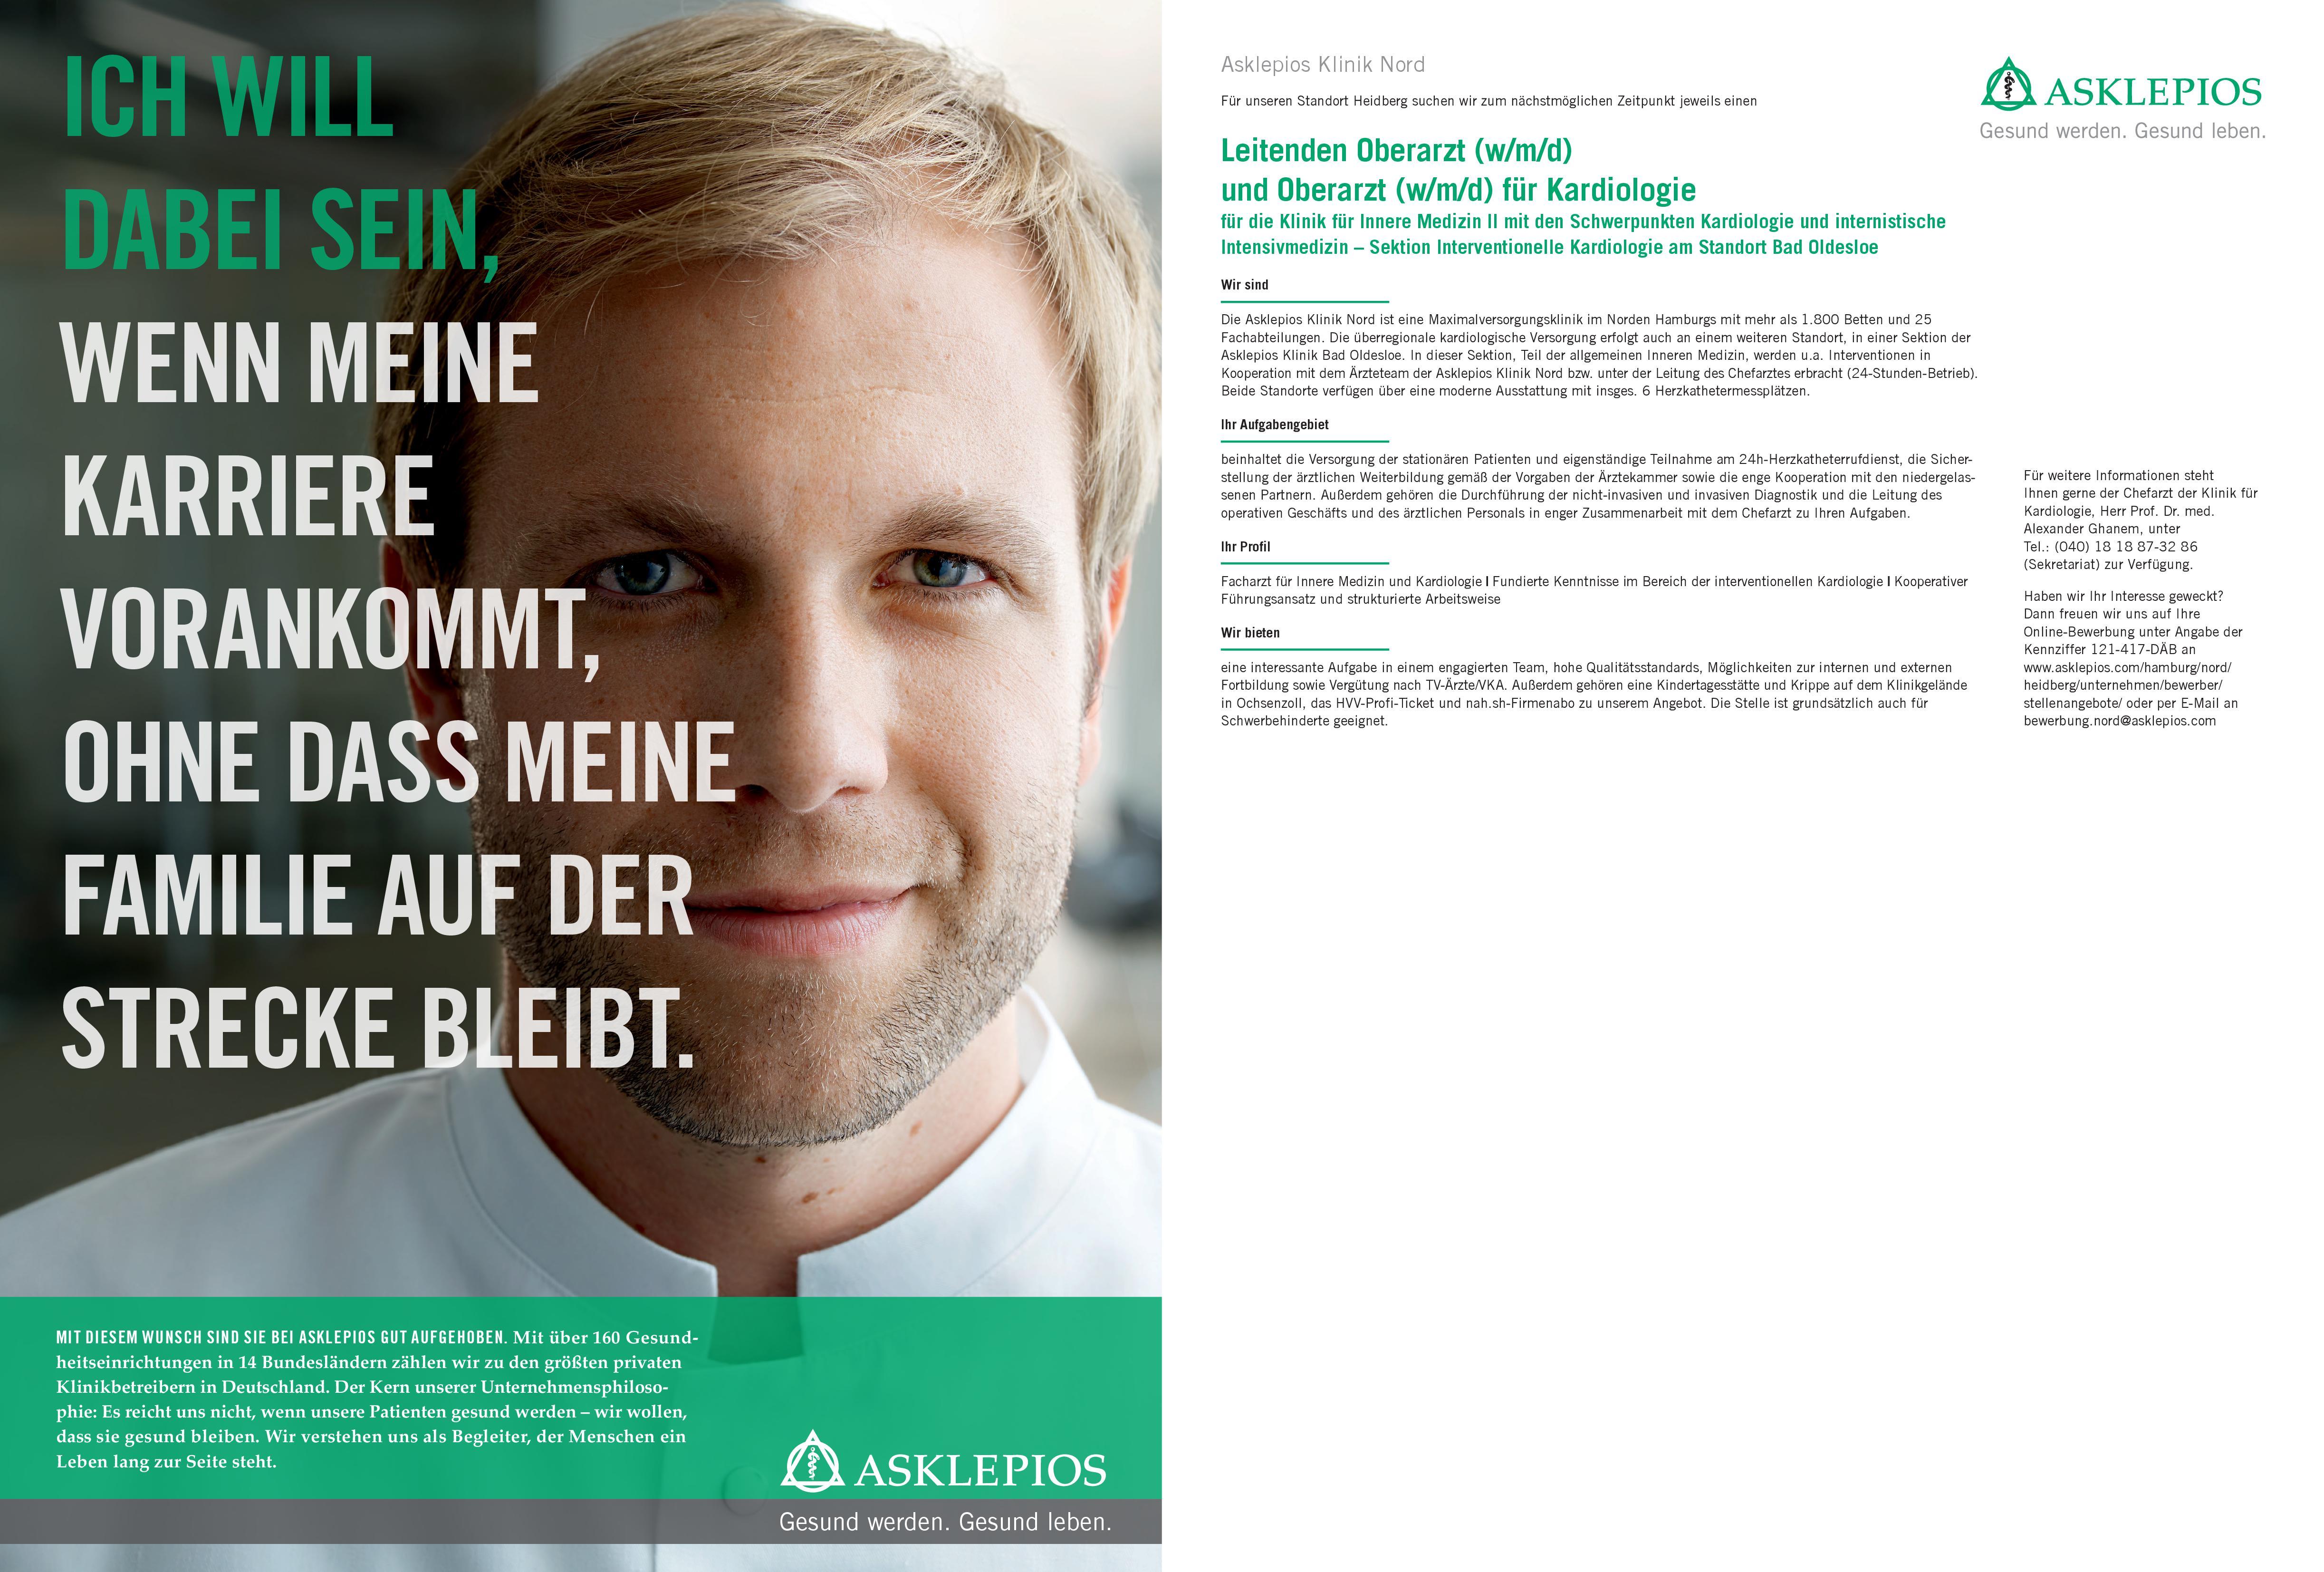 Asklepios Klinik Nord Oberarzt (w/m/d) Kardiologie  Innere Medizin und Kardiologie, Innere Medizin Oberarzt